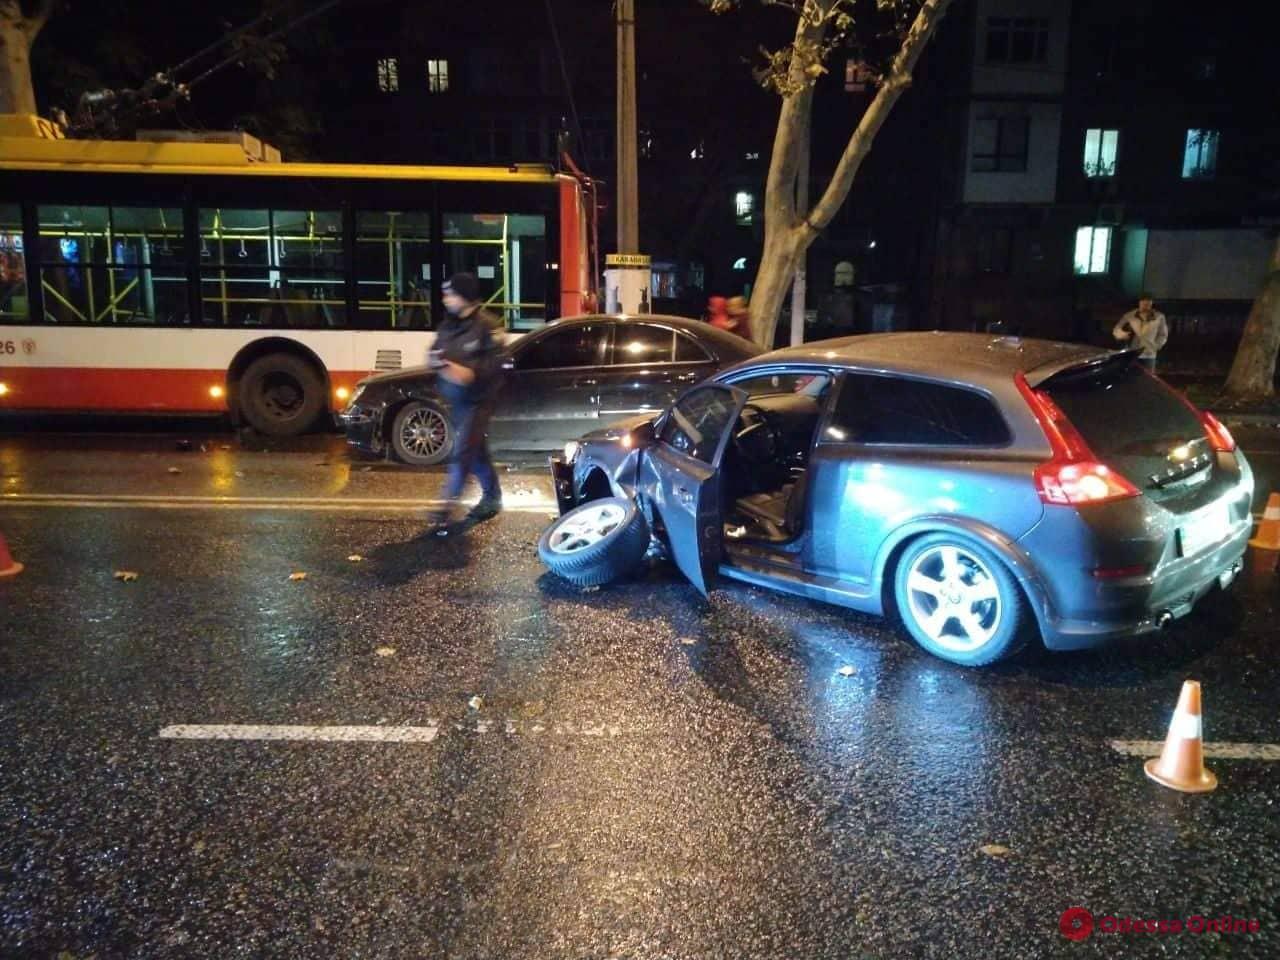 На проспекте Шевченко столкнулись два авто, троллейбус и мотоцикл — есть пострадавший